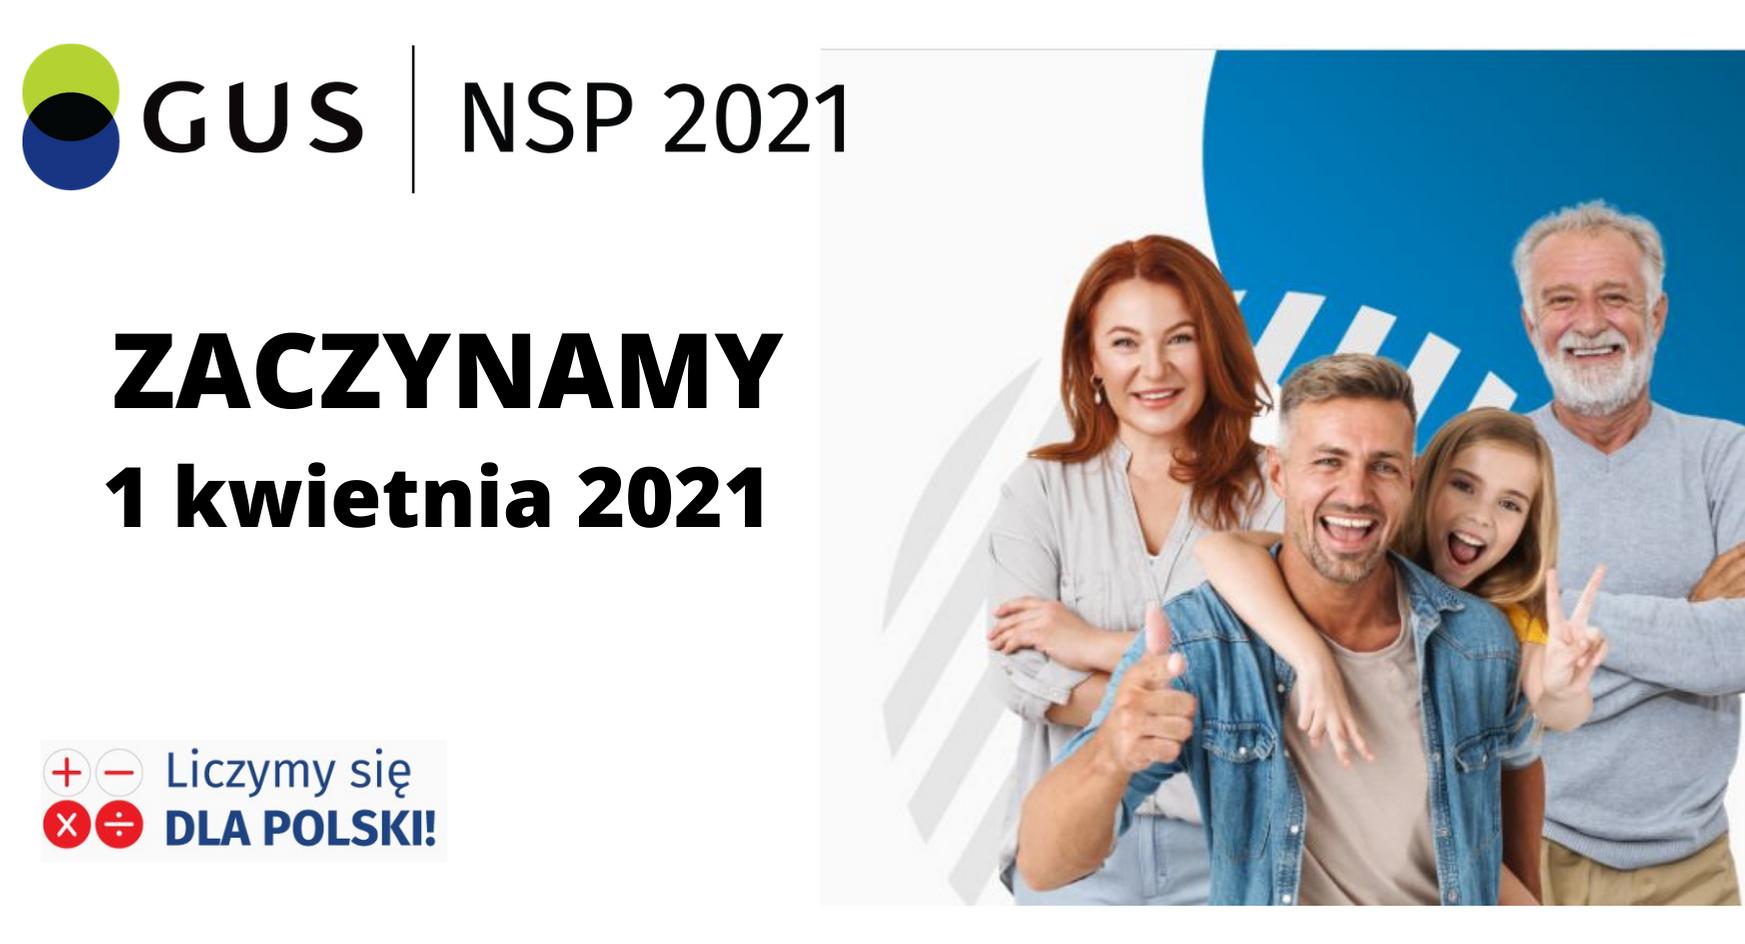 Ilustracja do informacji: Już 1 kwietnia zacznie się Narodowy Spis Powszechny Ludności i Mieszkań 2021!